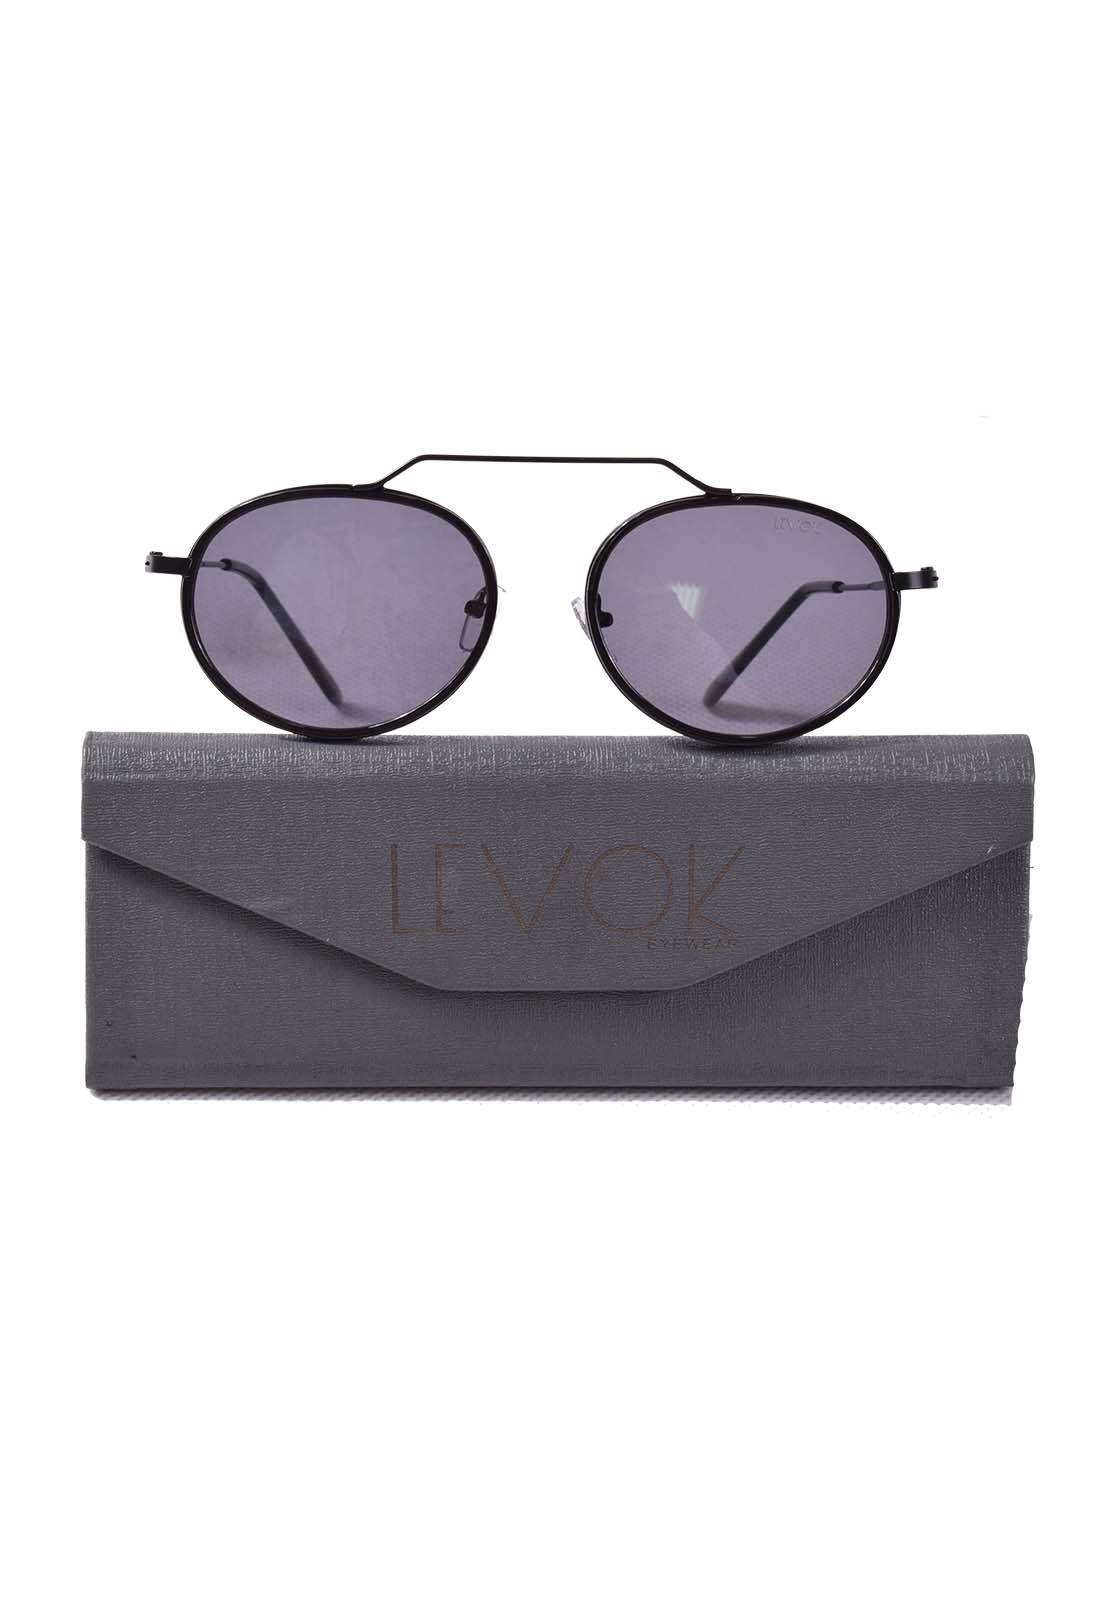 25003 - Oculos de Sol com armação preta fina